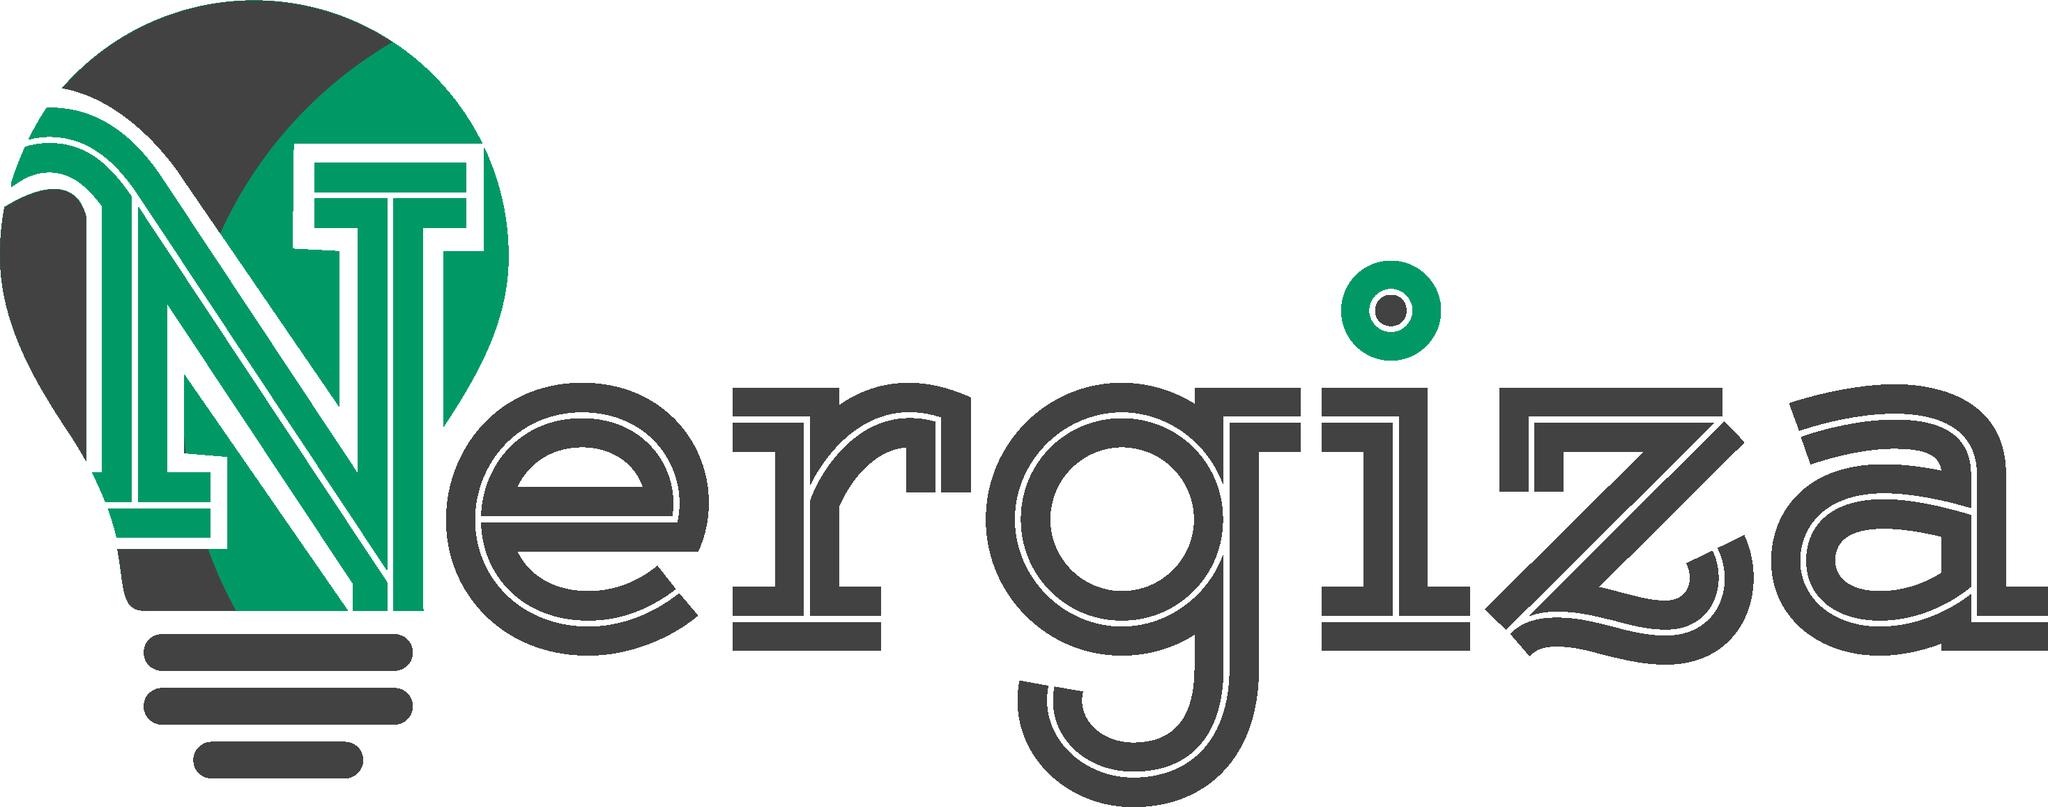 NERGIZA.com, una excelente web sobre temas energéticos